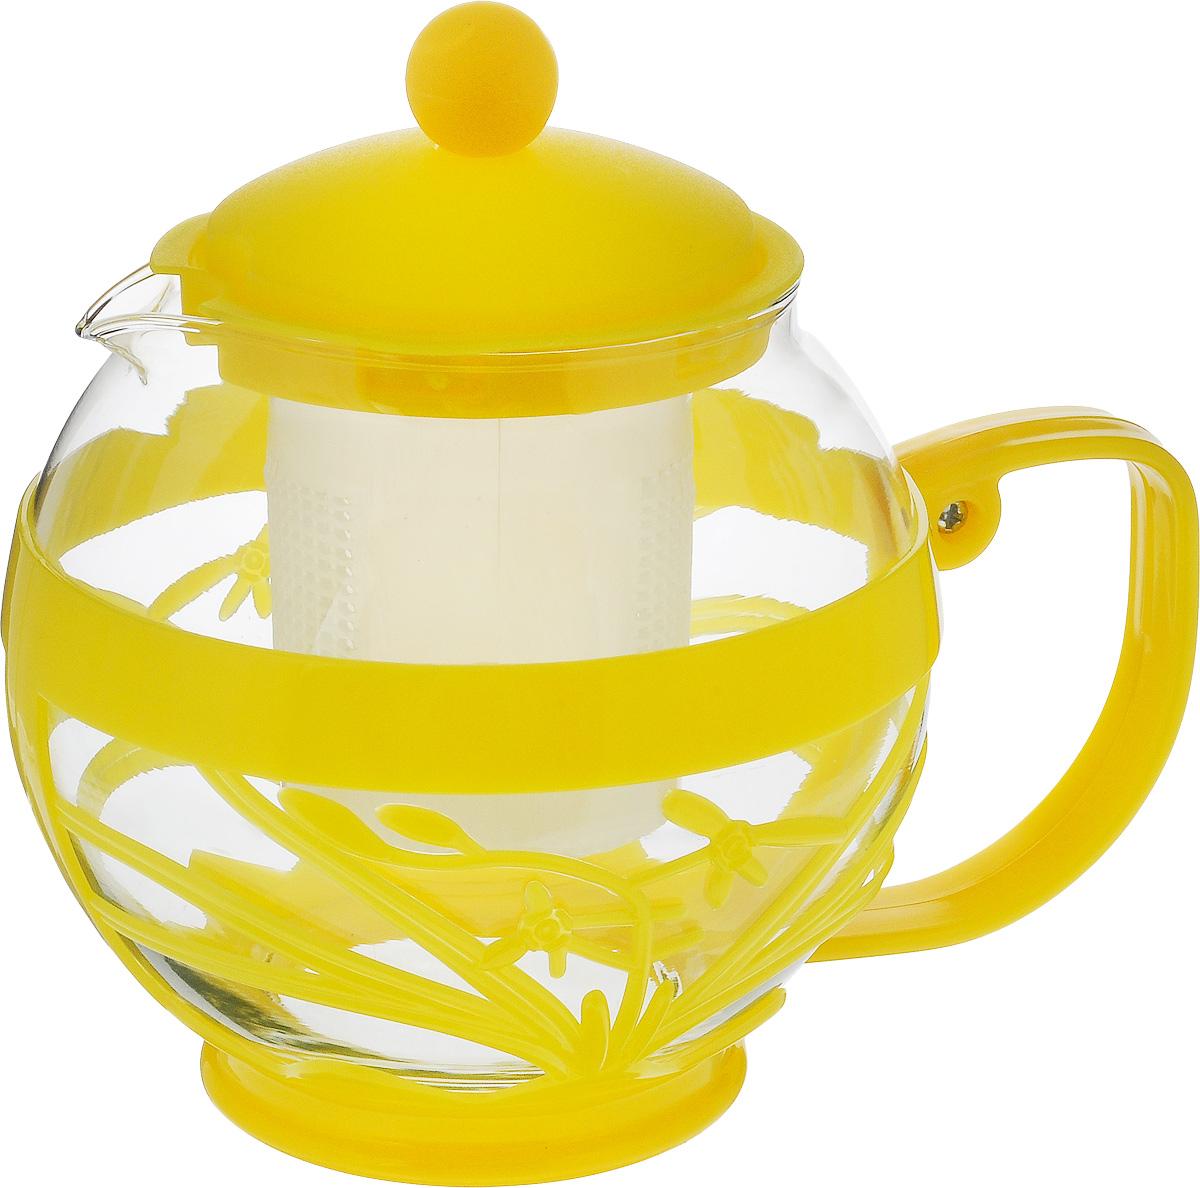 Чайник заварочный Wellberg Aqual, с фильтром, цвет: прозрачный, желтый, 800 мл54 009312Заварочный чайник Wellberg Aqual изготовлен из высококачественного пластика и жаропрочного стекла. Чайник имеет пластиковый фильтр и оснащен удобной ручкой. Он прекрасно подойдет для заваривания чая и травяных напитков. Такой заварочный чайник займет достойное место на вашей кухне.Высота чайника (без учета крышки): 11,5 см.Высота чайника (с учетом крышки): 14 см. Диаметр (по верхнему краю) 7 см.